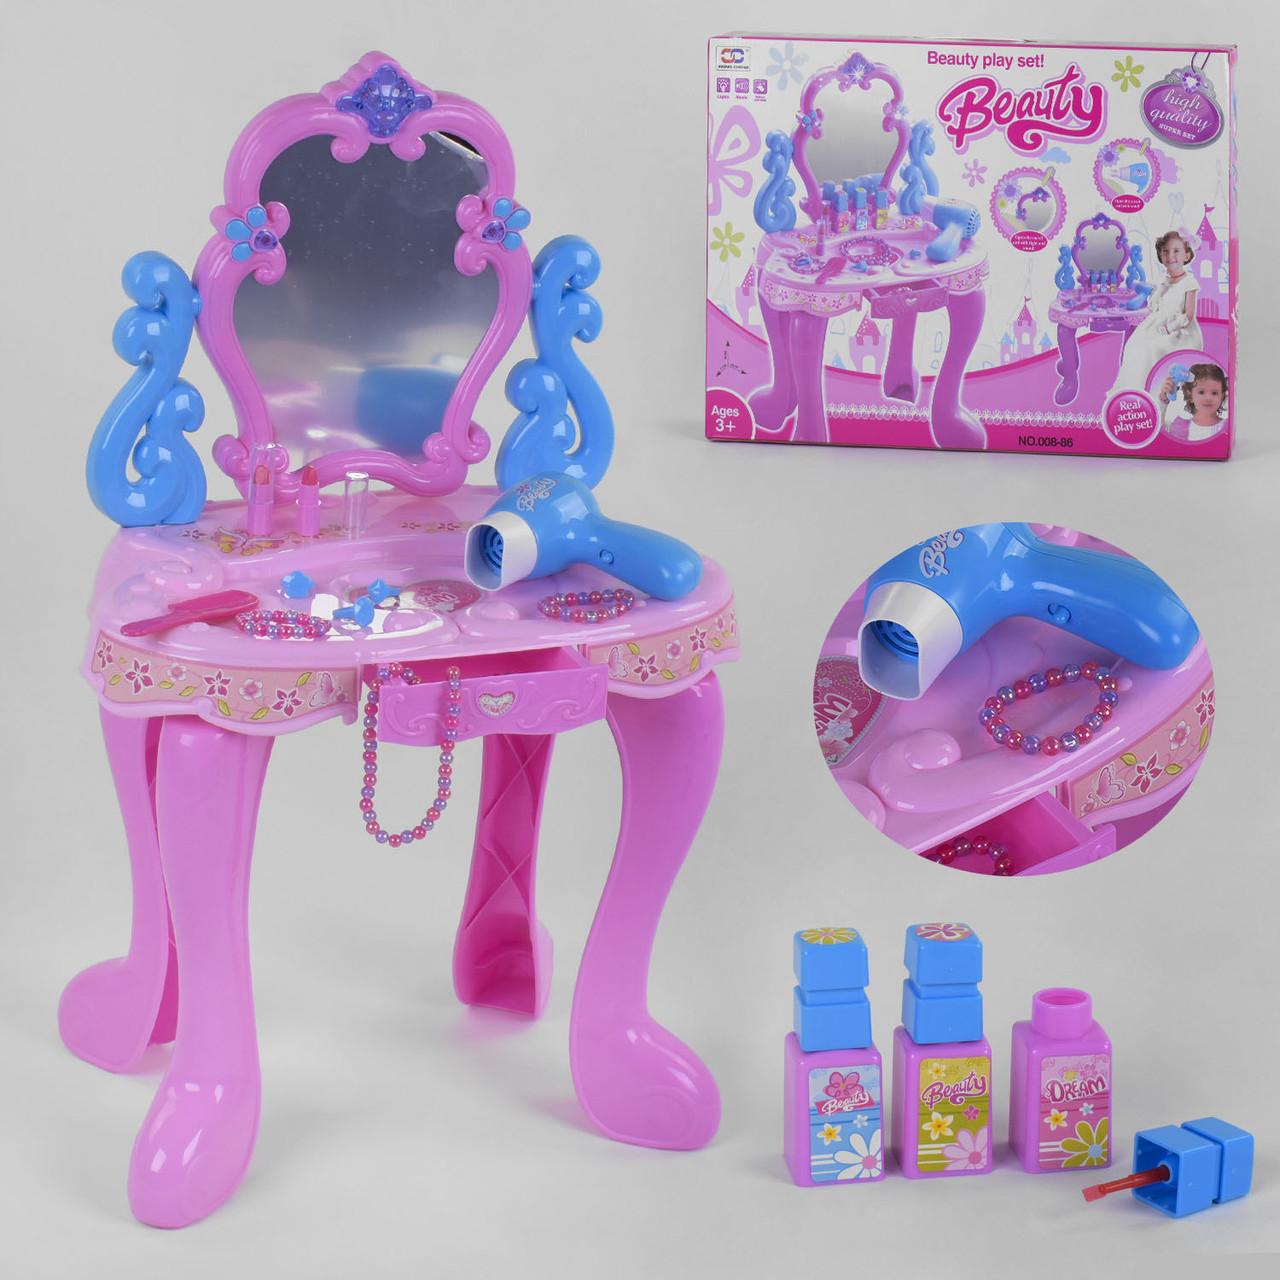 Трюмо 008-86 для дівчинки дитяче з феном аксесуарами